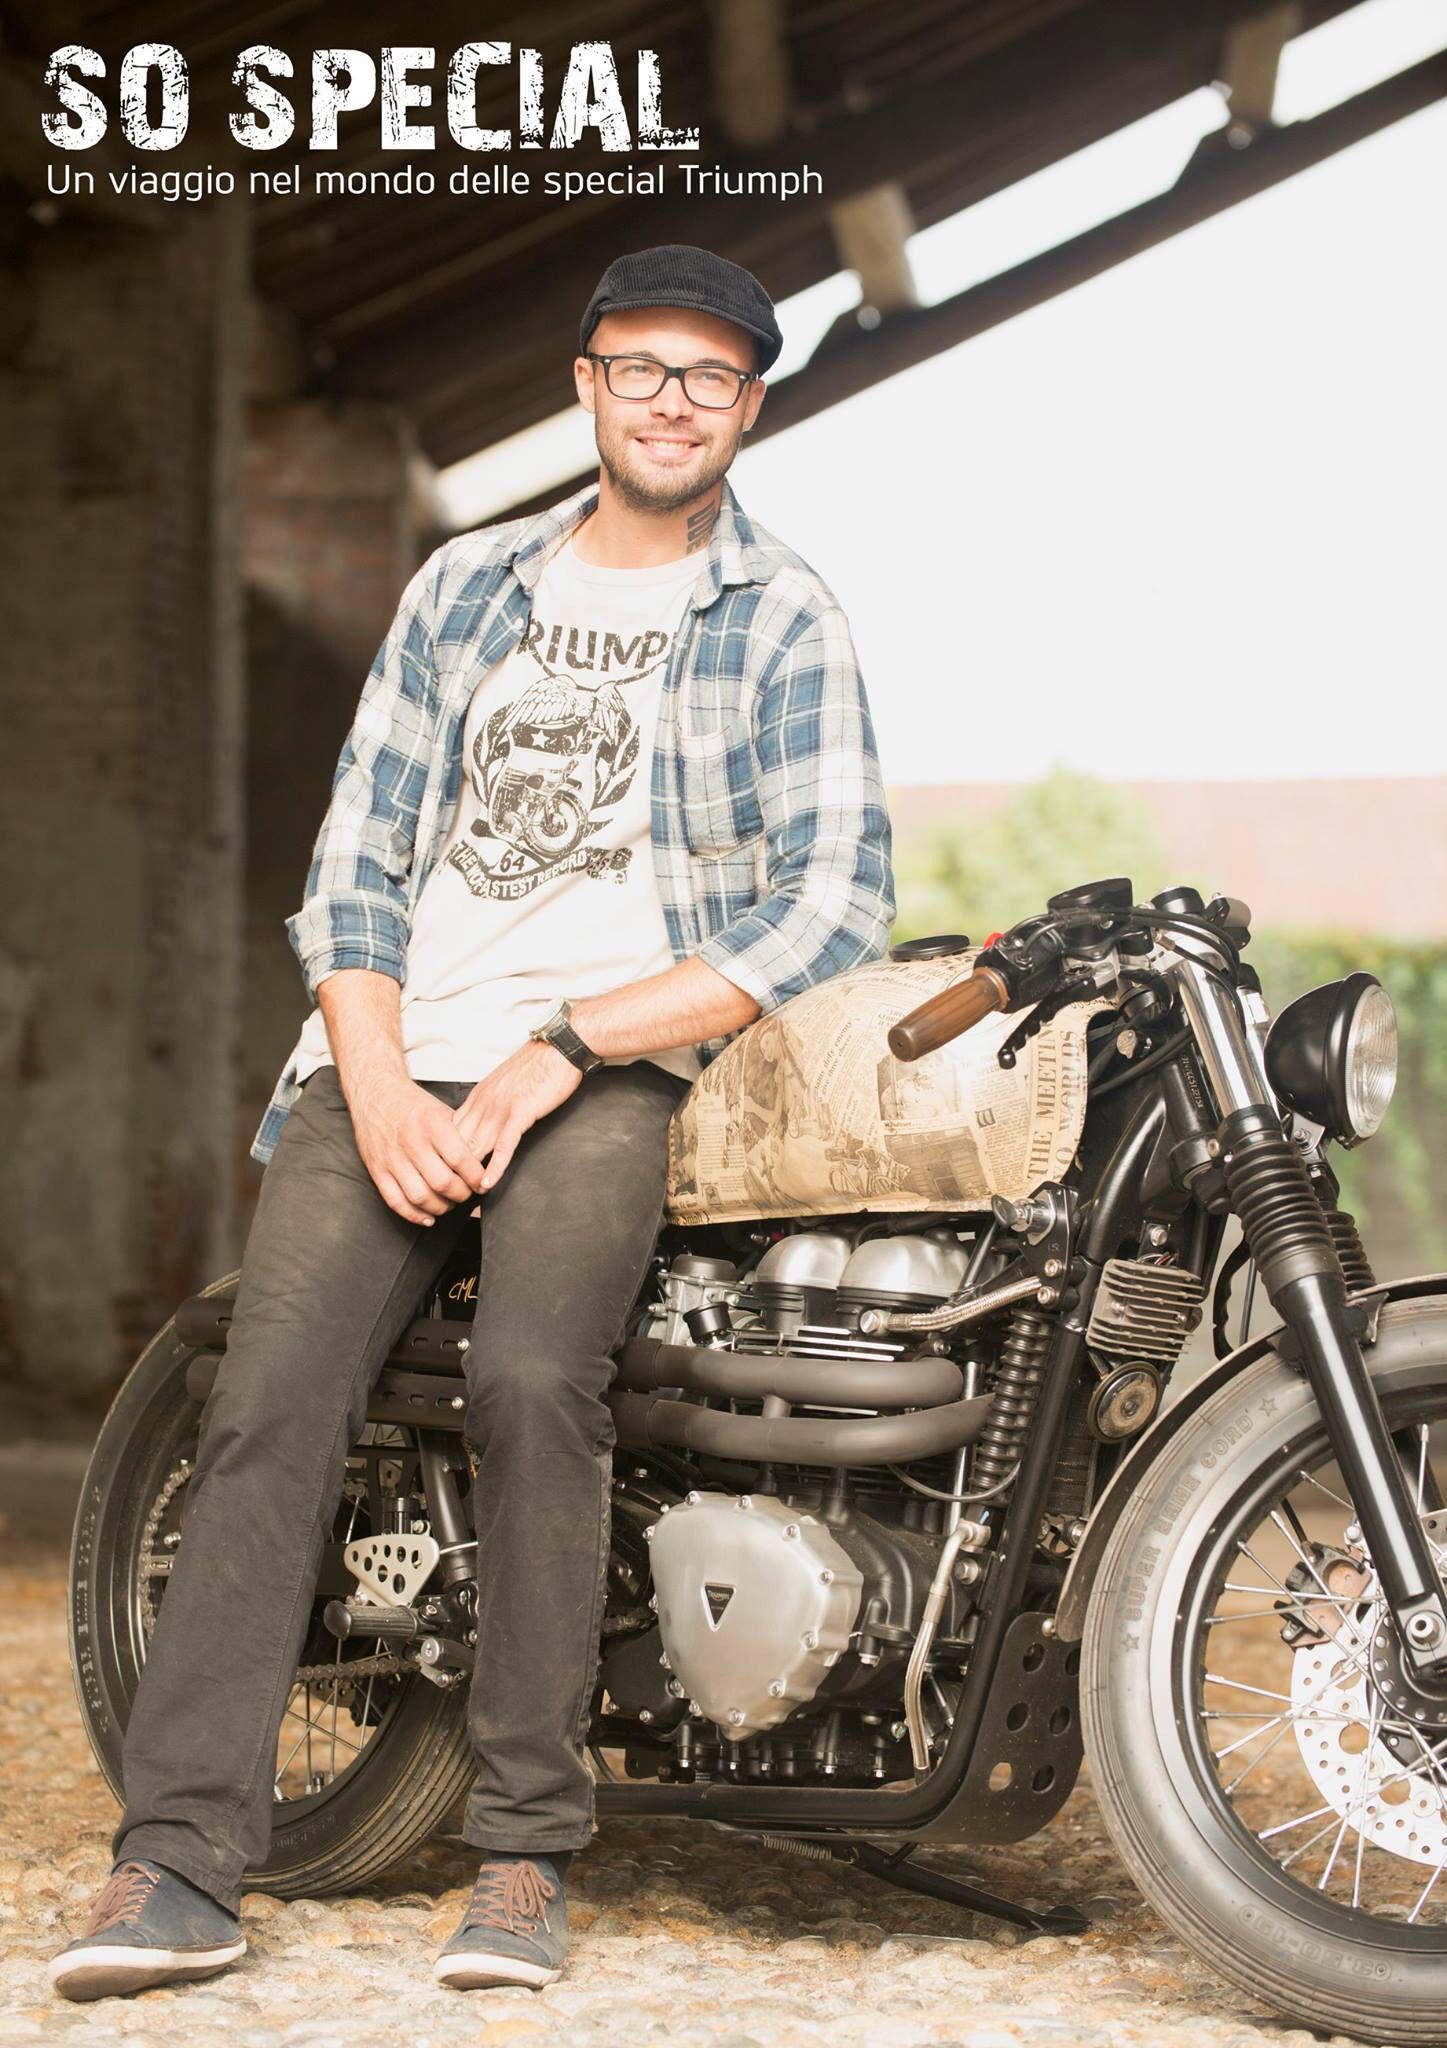 """#TriumphSoSpecial #4 - """"La soddisfazione del produrre con le proprie mani qualcosa di concreto, di tangibile, va oltre la progettazione nei minimi dettagli"""". Mattia Foroni - Centro Moto Lodi."""